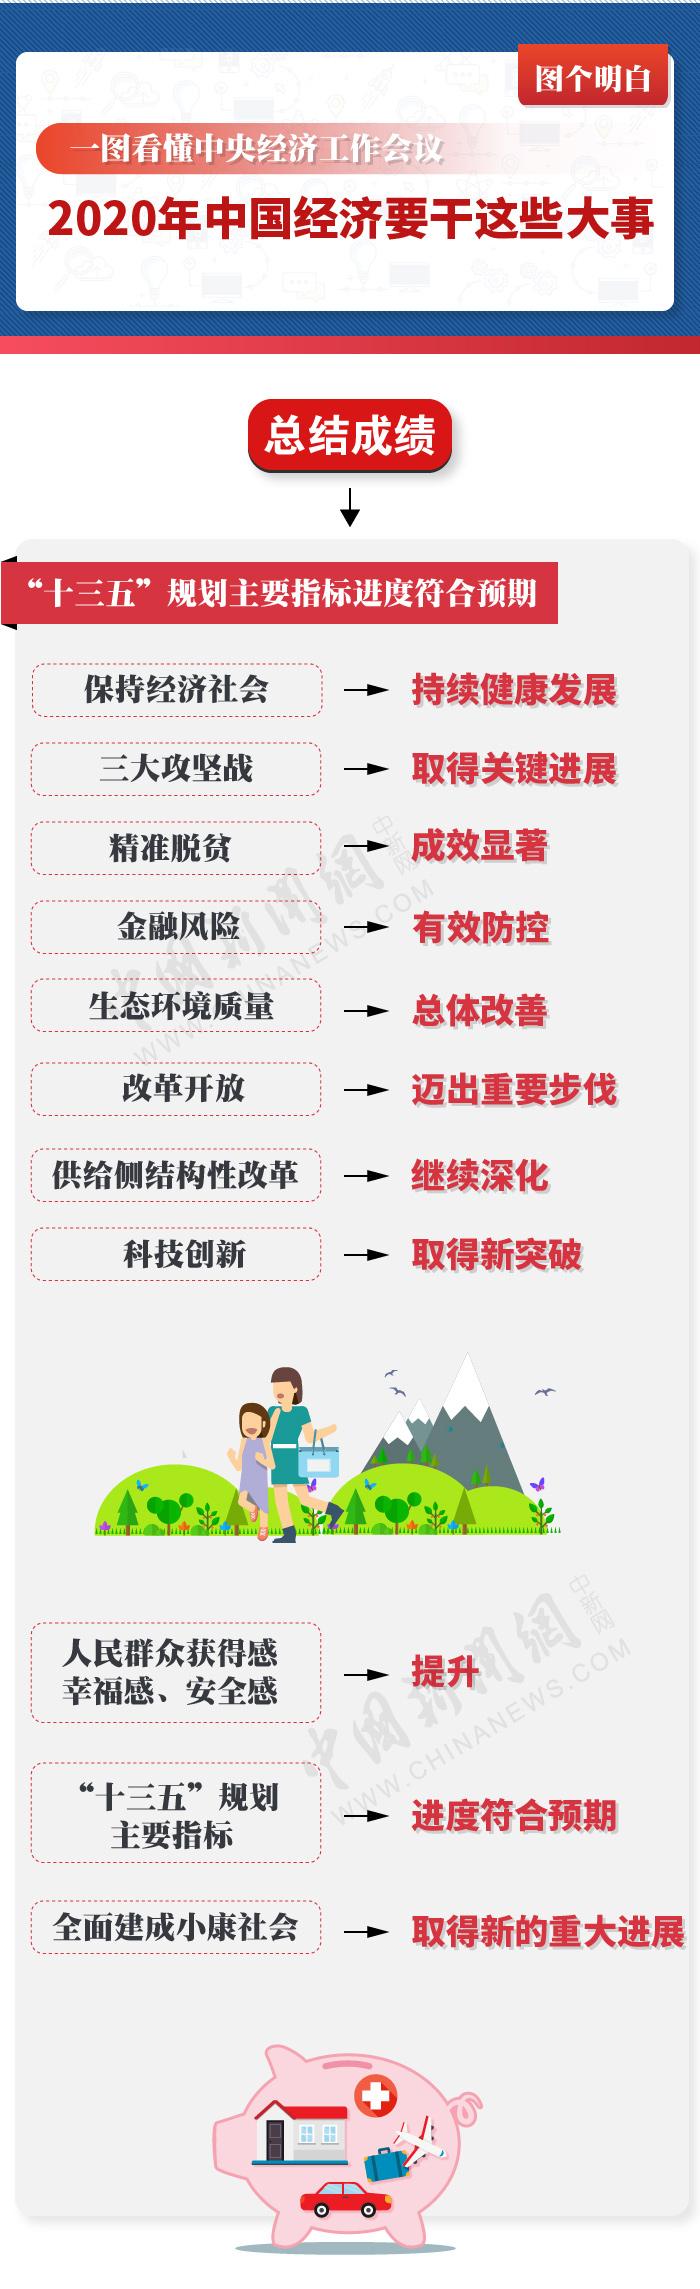 图个明白|2020年中国经济要干这些大事!